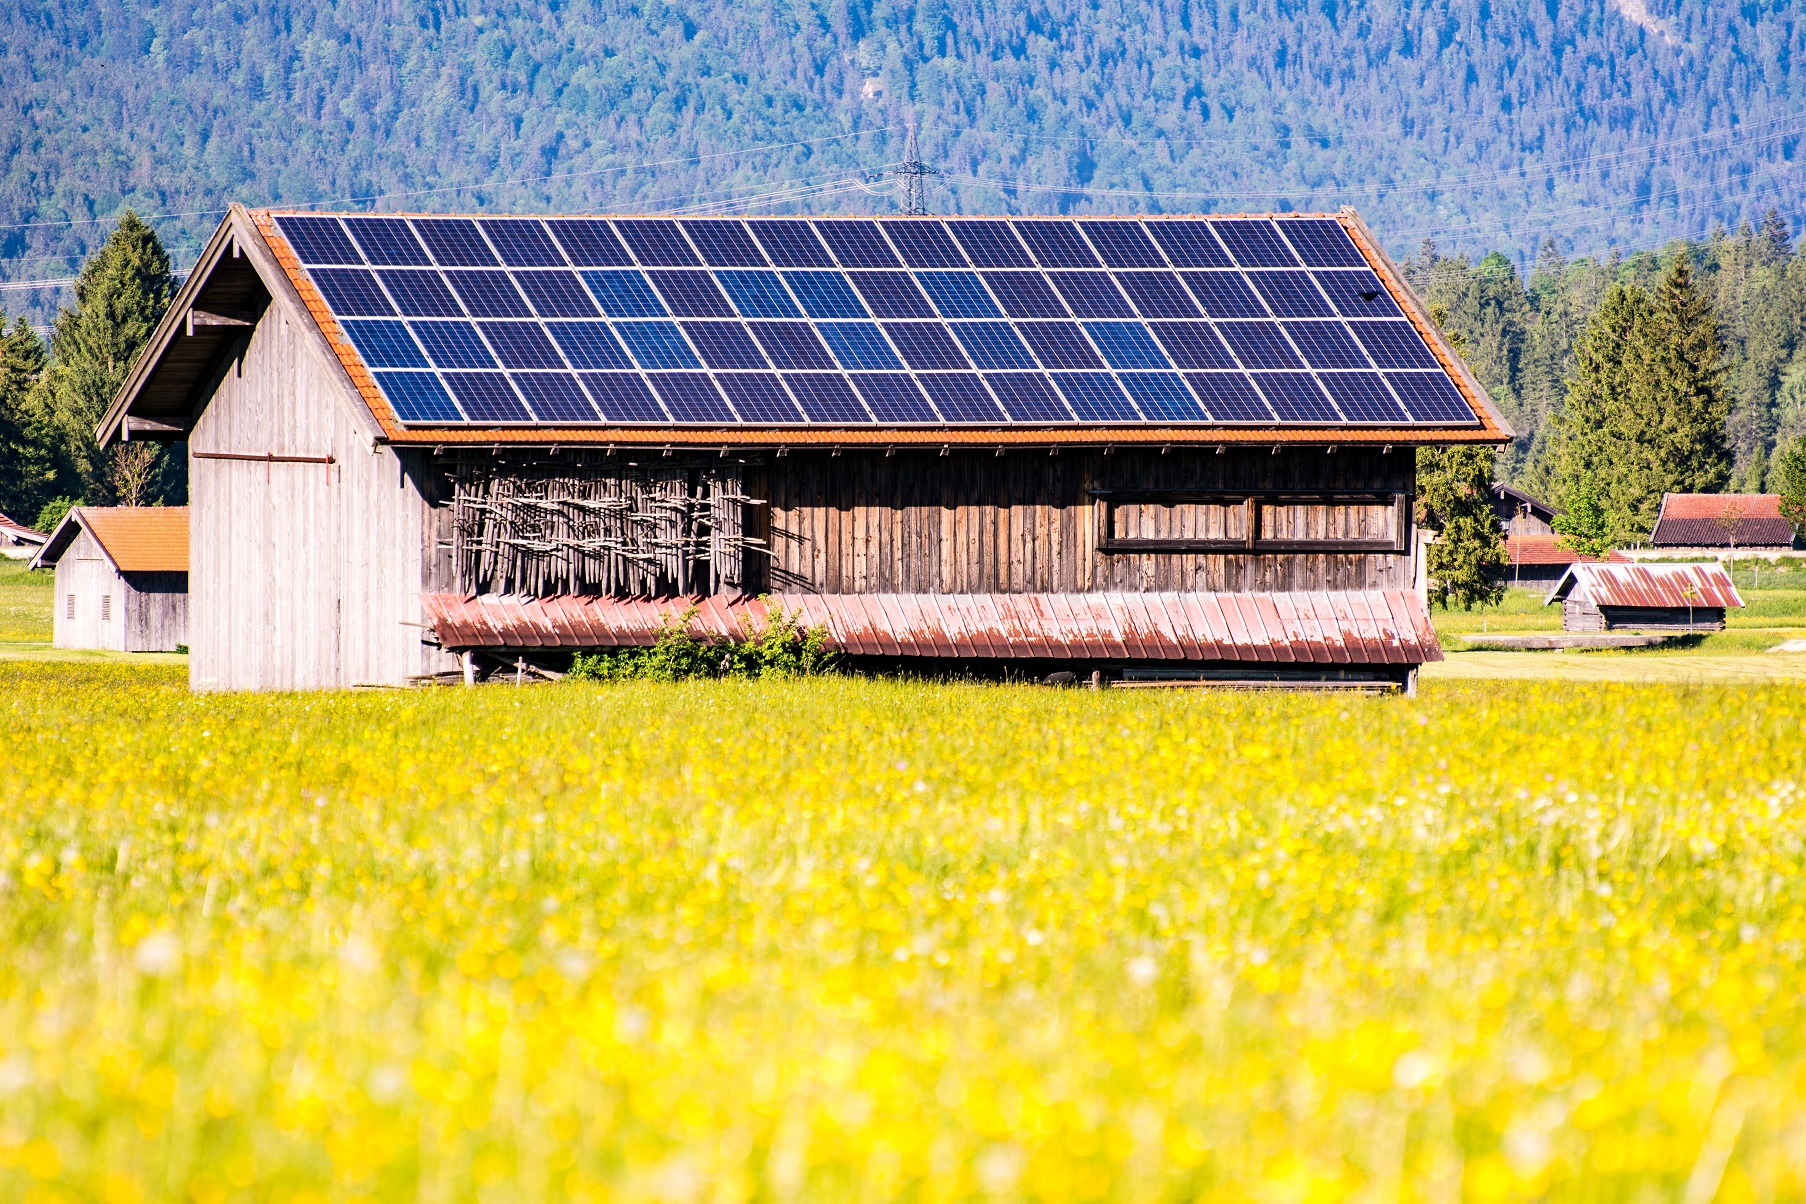 Solár na střeše